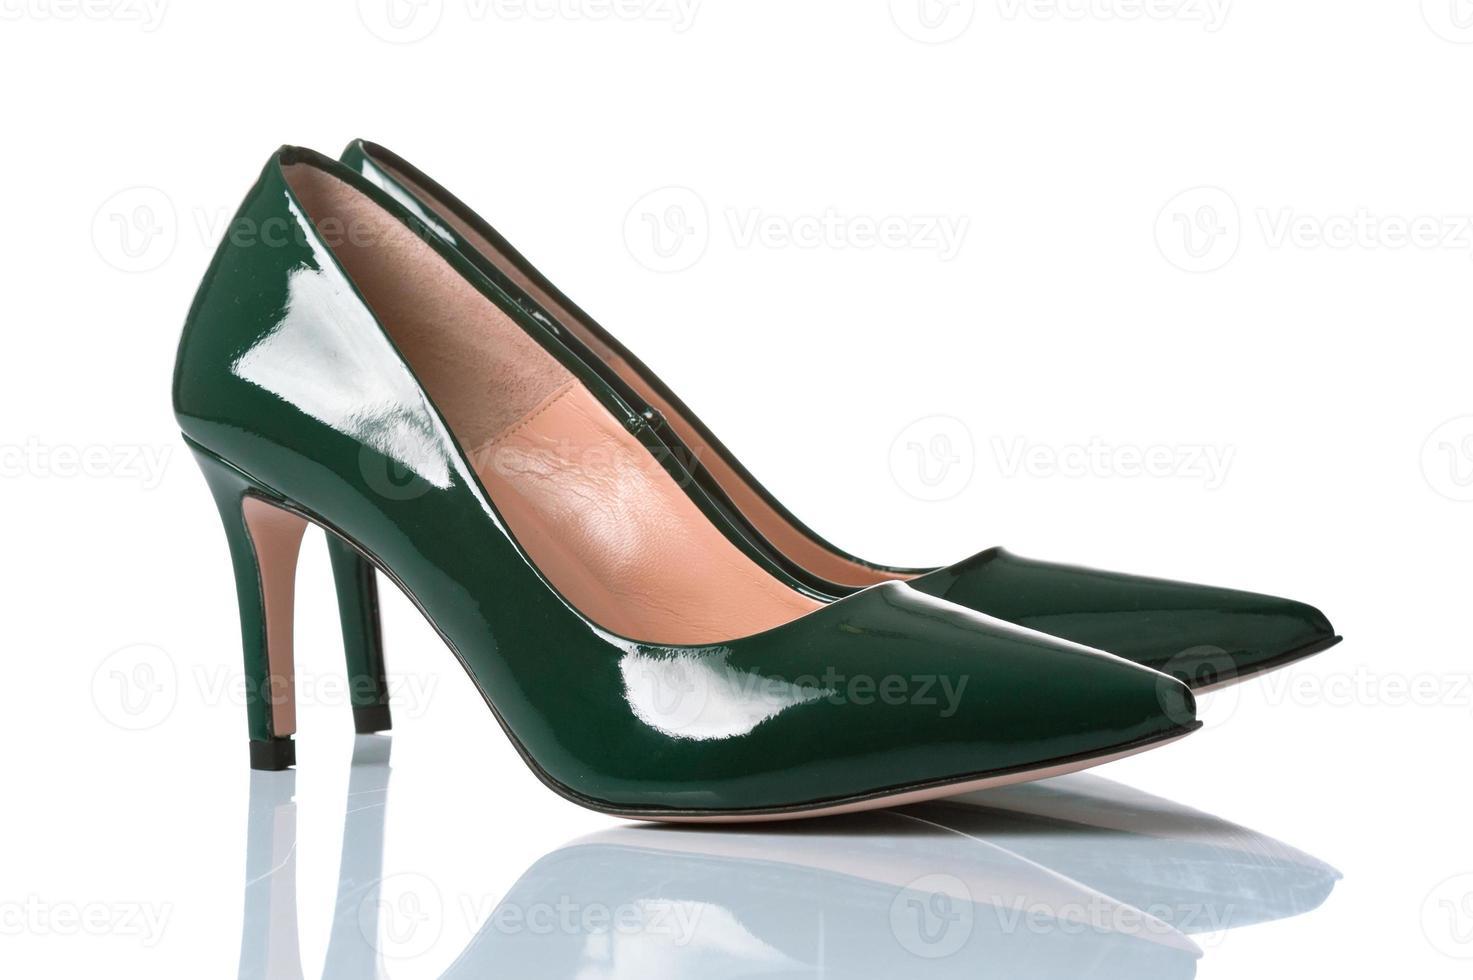 paar vrouwelijke schoenen met hoge hakken foto